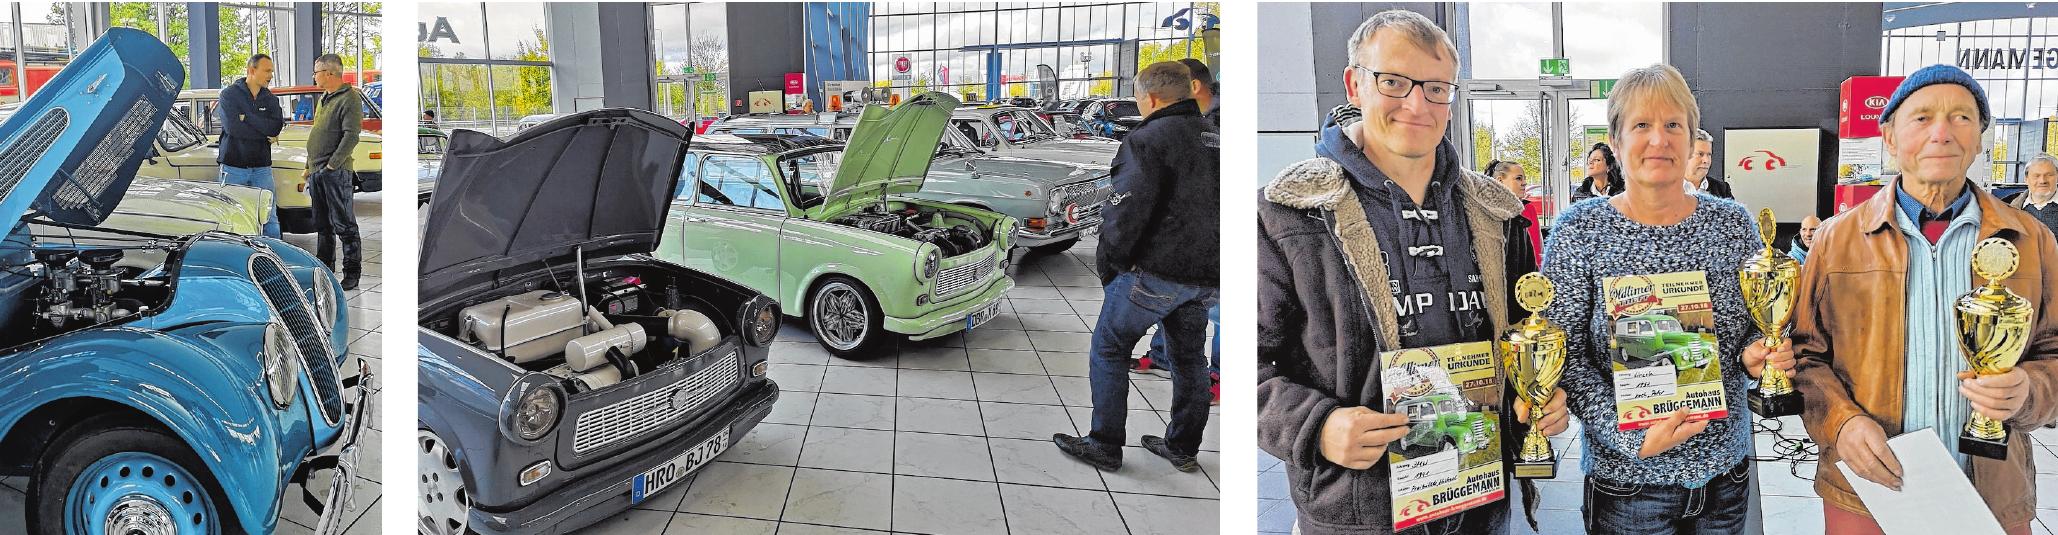 Natürlich wurde auch unter die Motorhaube geschaut. Schwelgen in Erinnerungen: Besonders die Trabbis standen bei den Besuchern unter besonderer Aufmerksamkeit. Das sind die diesjährigen Gewinner des 2. Oldtimer Treff im Autohaus Brüggemann.